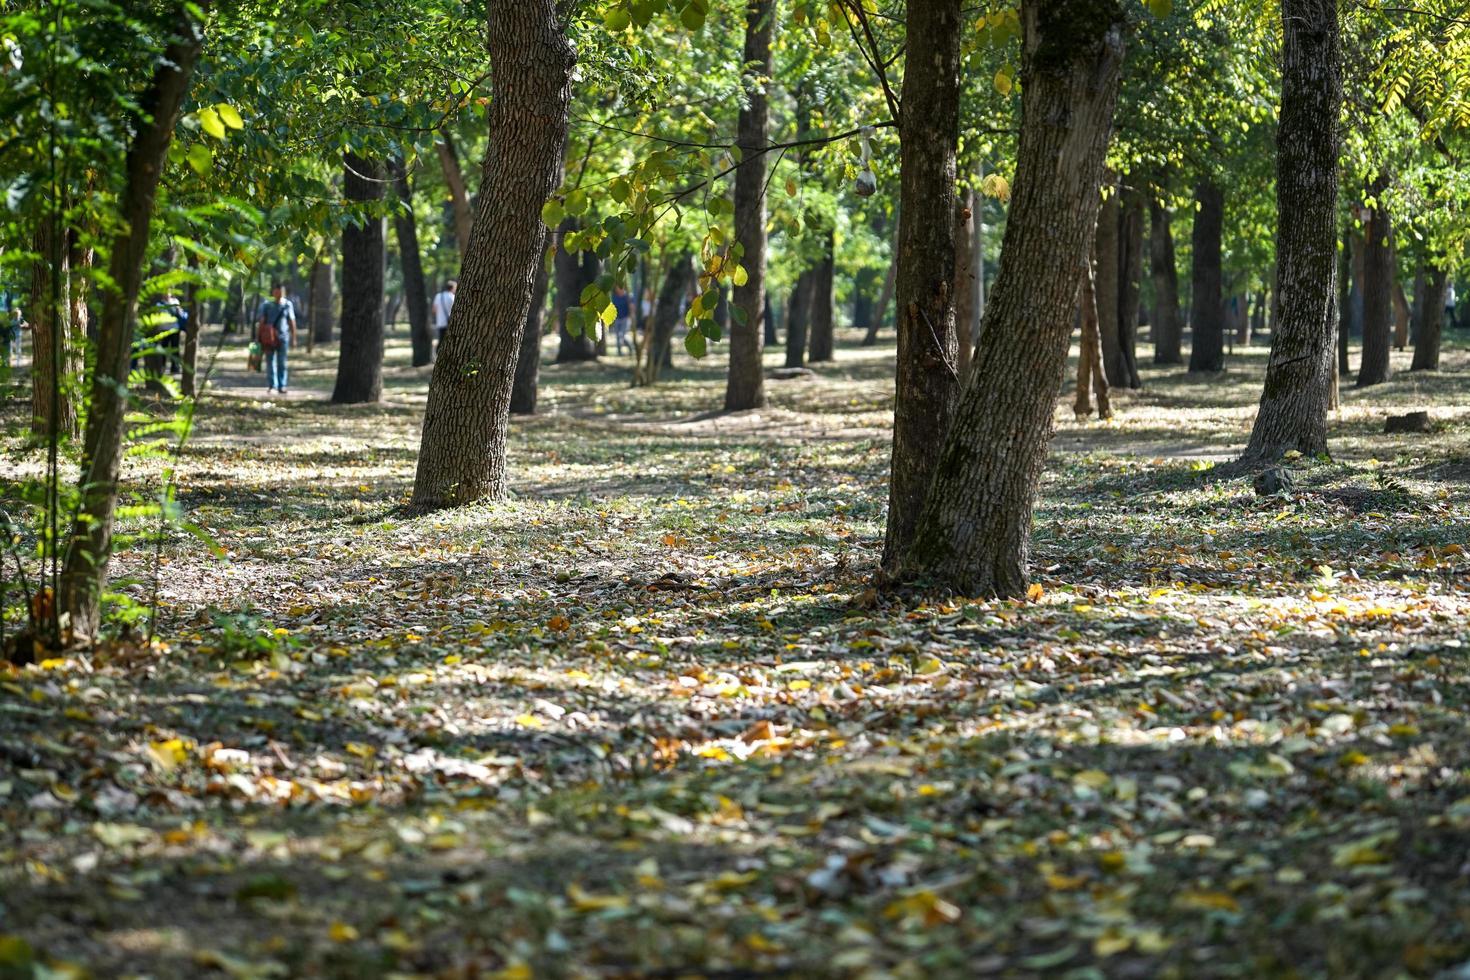 träd i höst parkerar med människor som går på suddig bakgrund foto